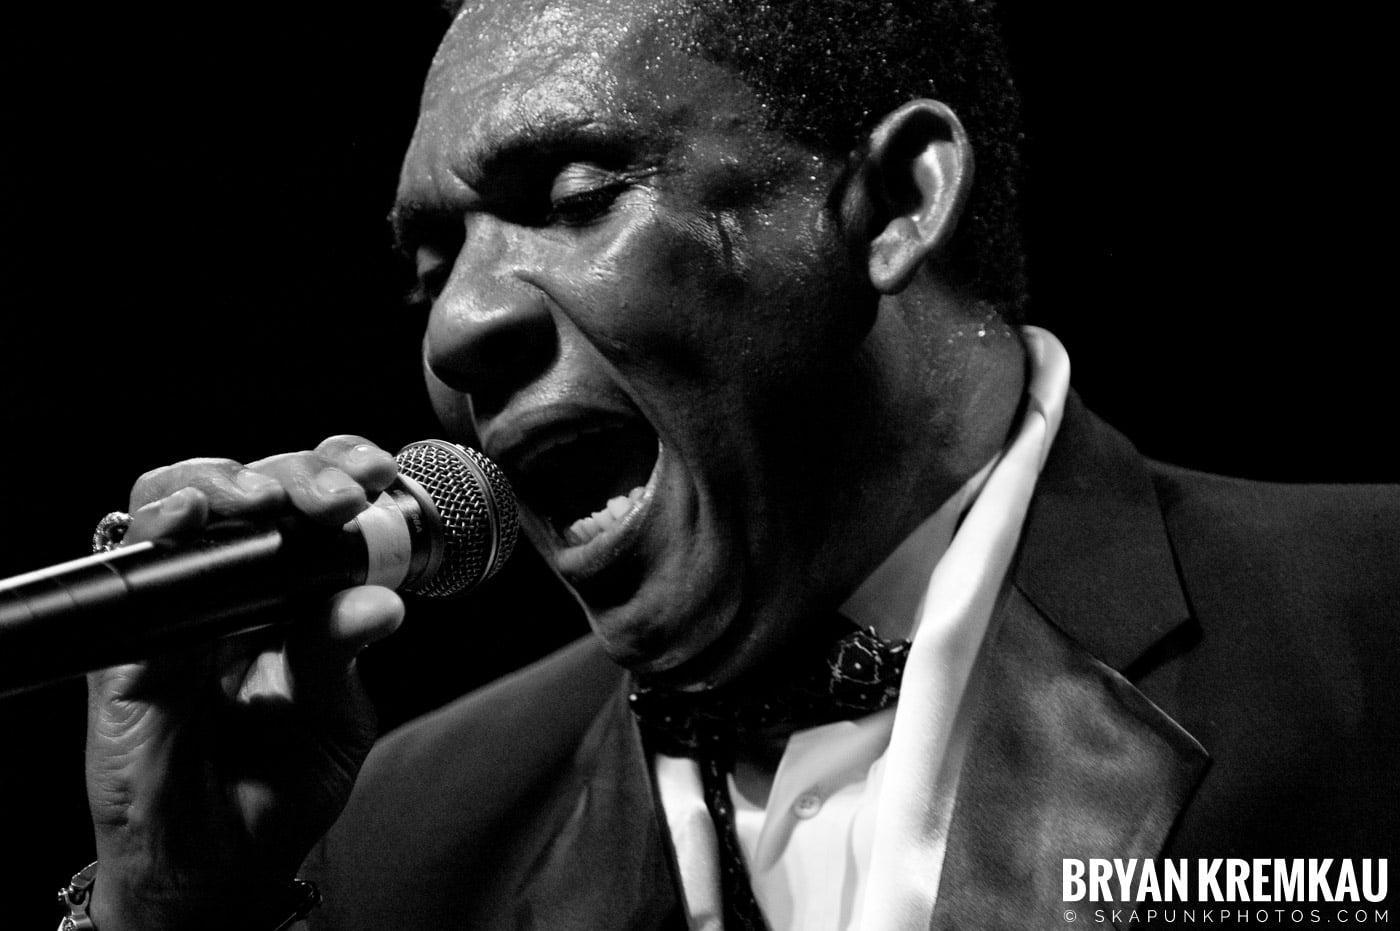 Ken Boothe @ Vintage Reggae Fest - Hammerstein Ballroom, NYC - 12.16.07 (2)